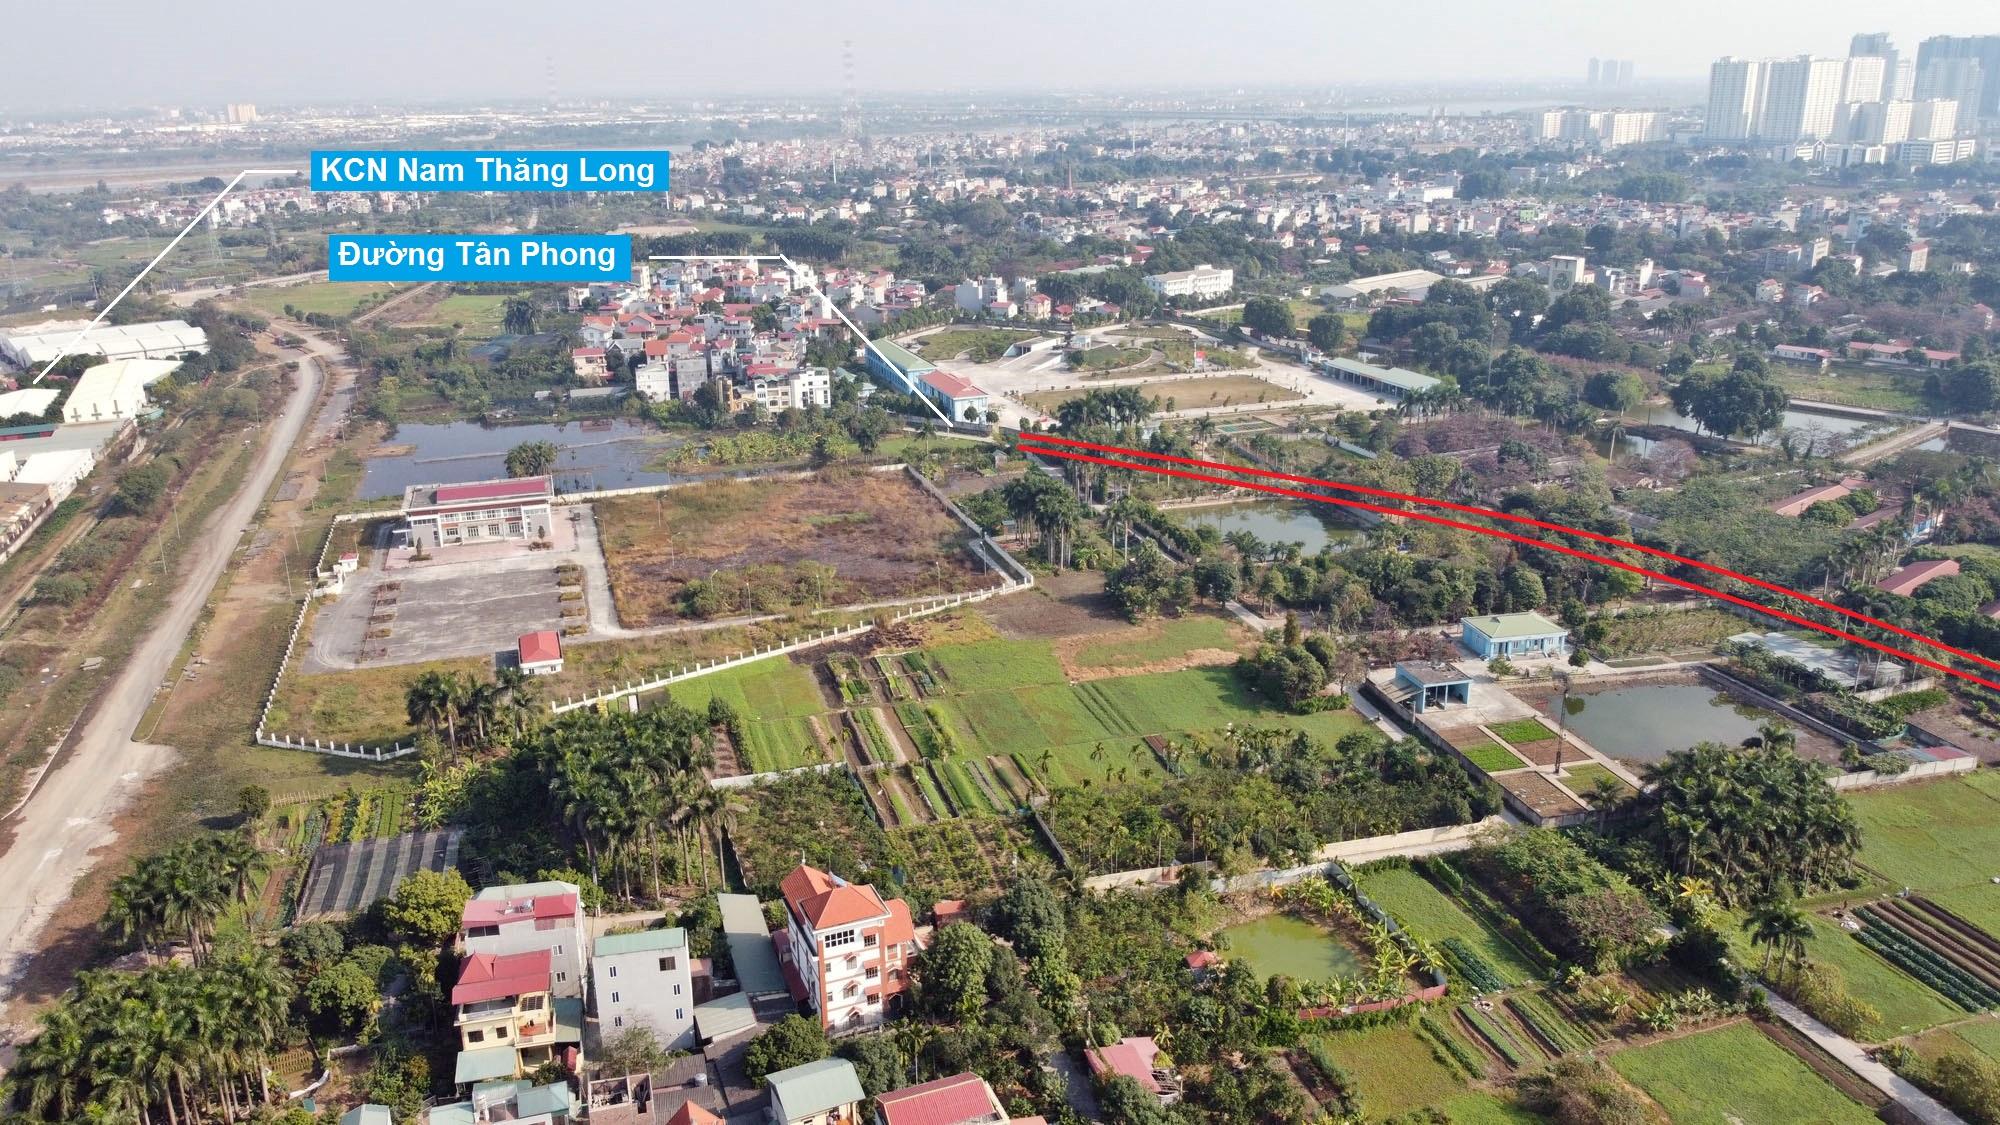 Ba đường sẽ mở theo qui hoạch ở phường Thụy Phương, Bắc Từ Liêm, Hà Nội (phần 2) - Ảnh 5.